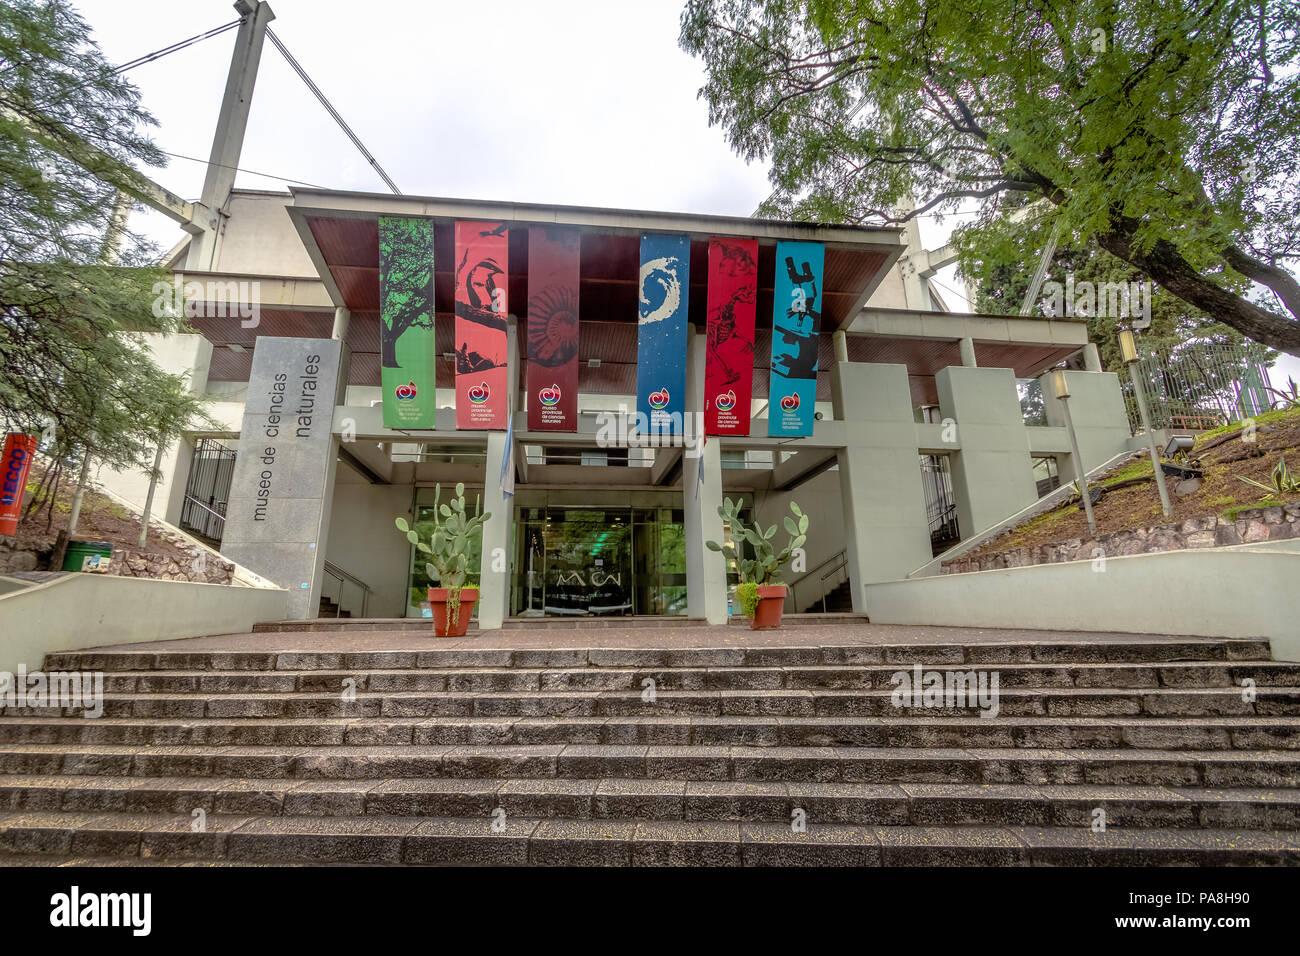 Natural Sciences Museum (Museo Provincial de Ciencias Naturales) Facade - Cordoba, Argentina - Stock Image